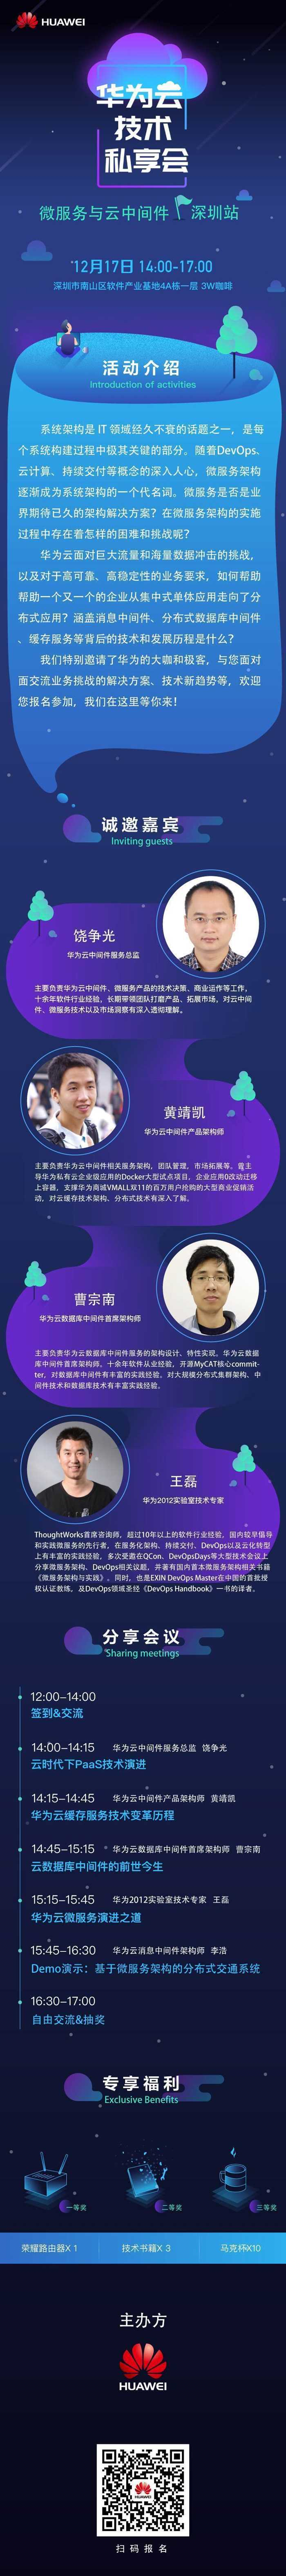 12.11招募长图文华为云深圳终版.jpg